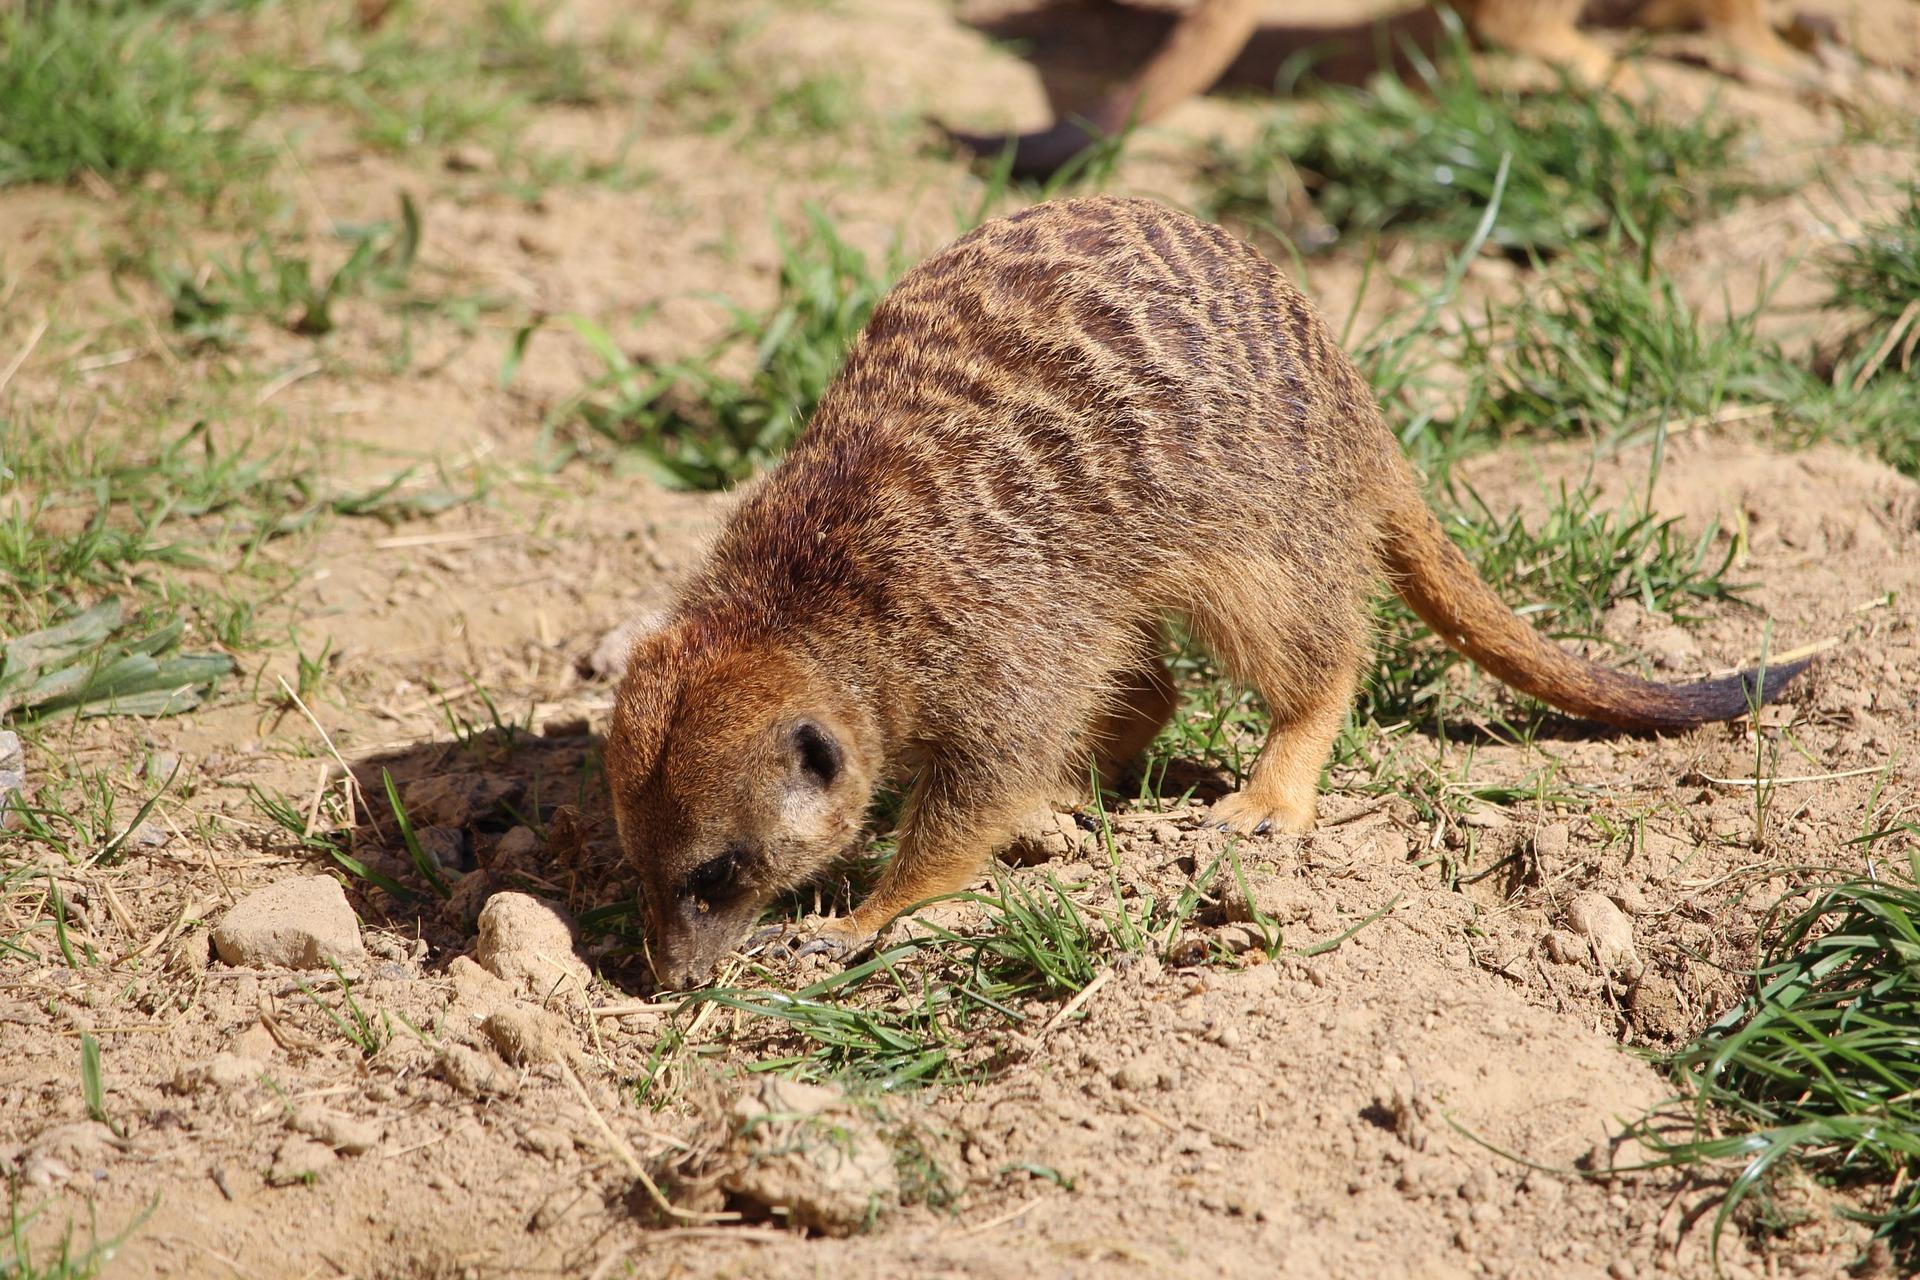 What do meerkats eat?